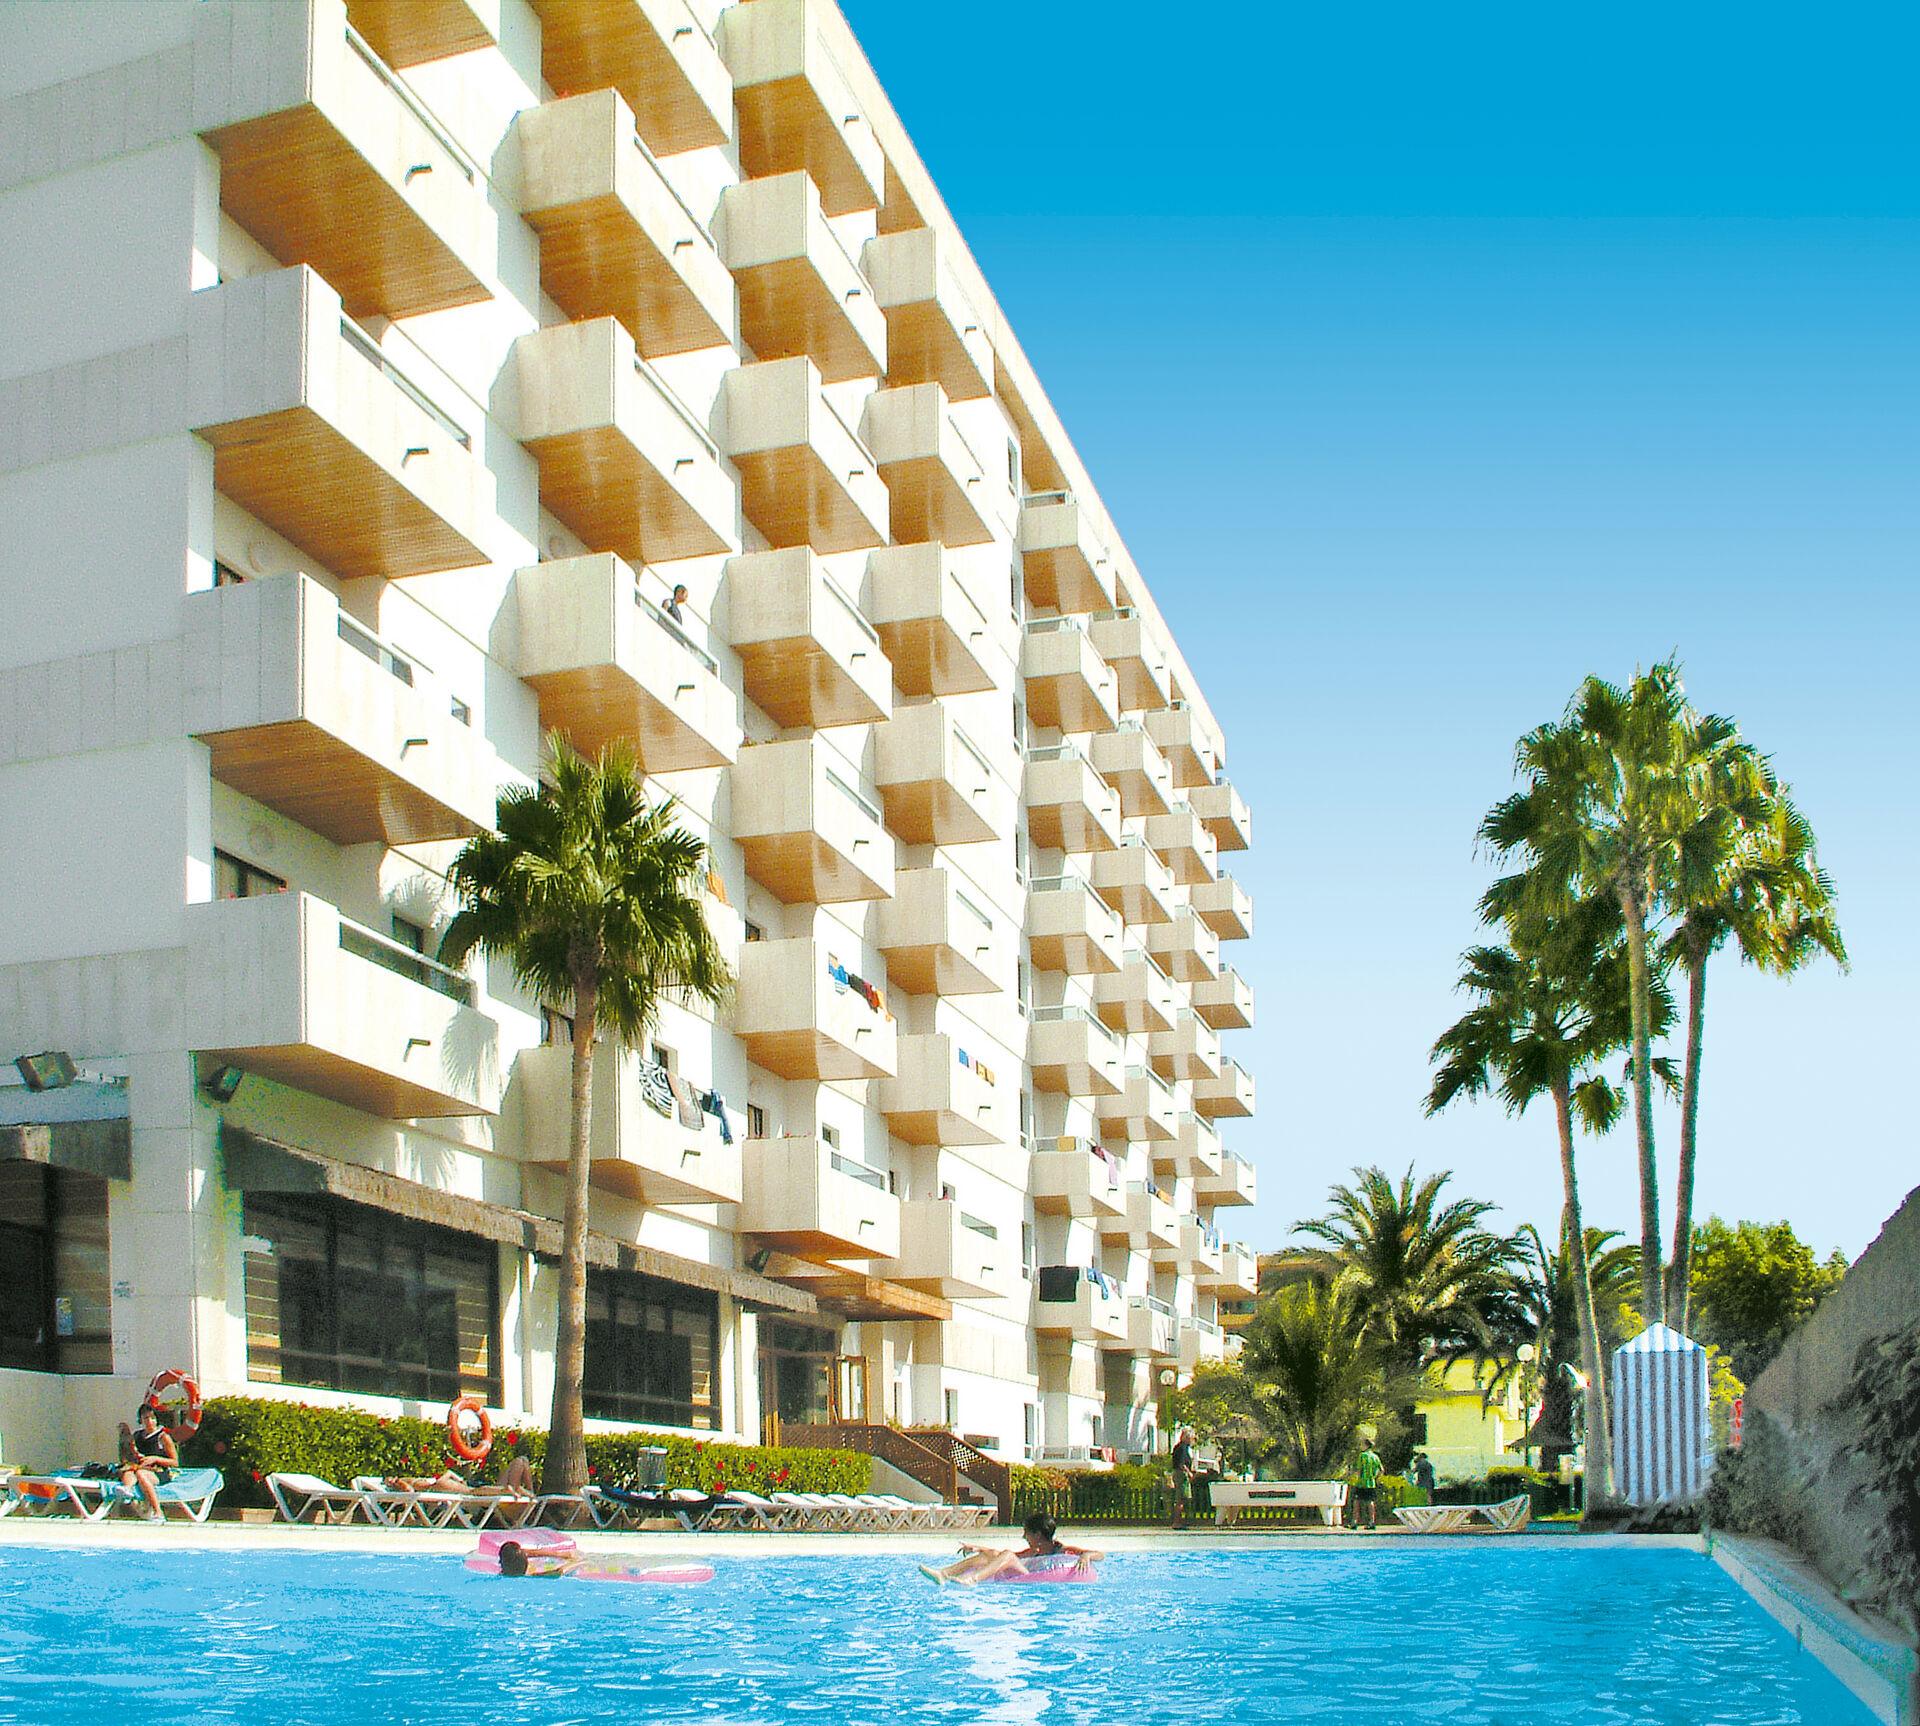 Séjour Las Palmas - Hotel Principado - 3*